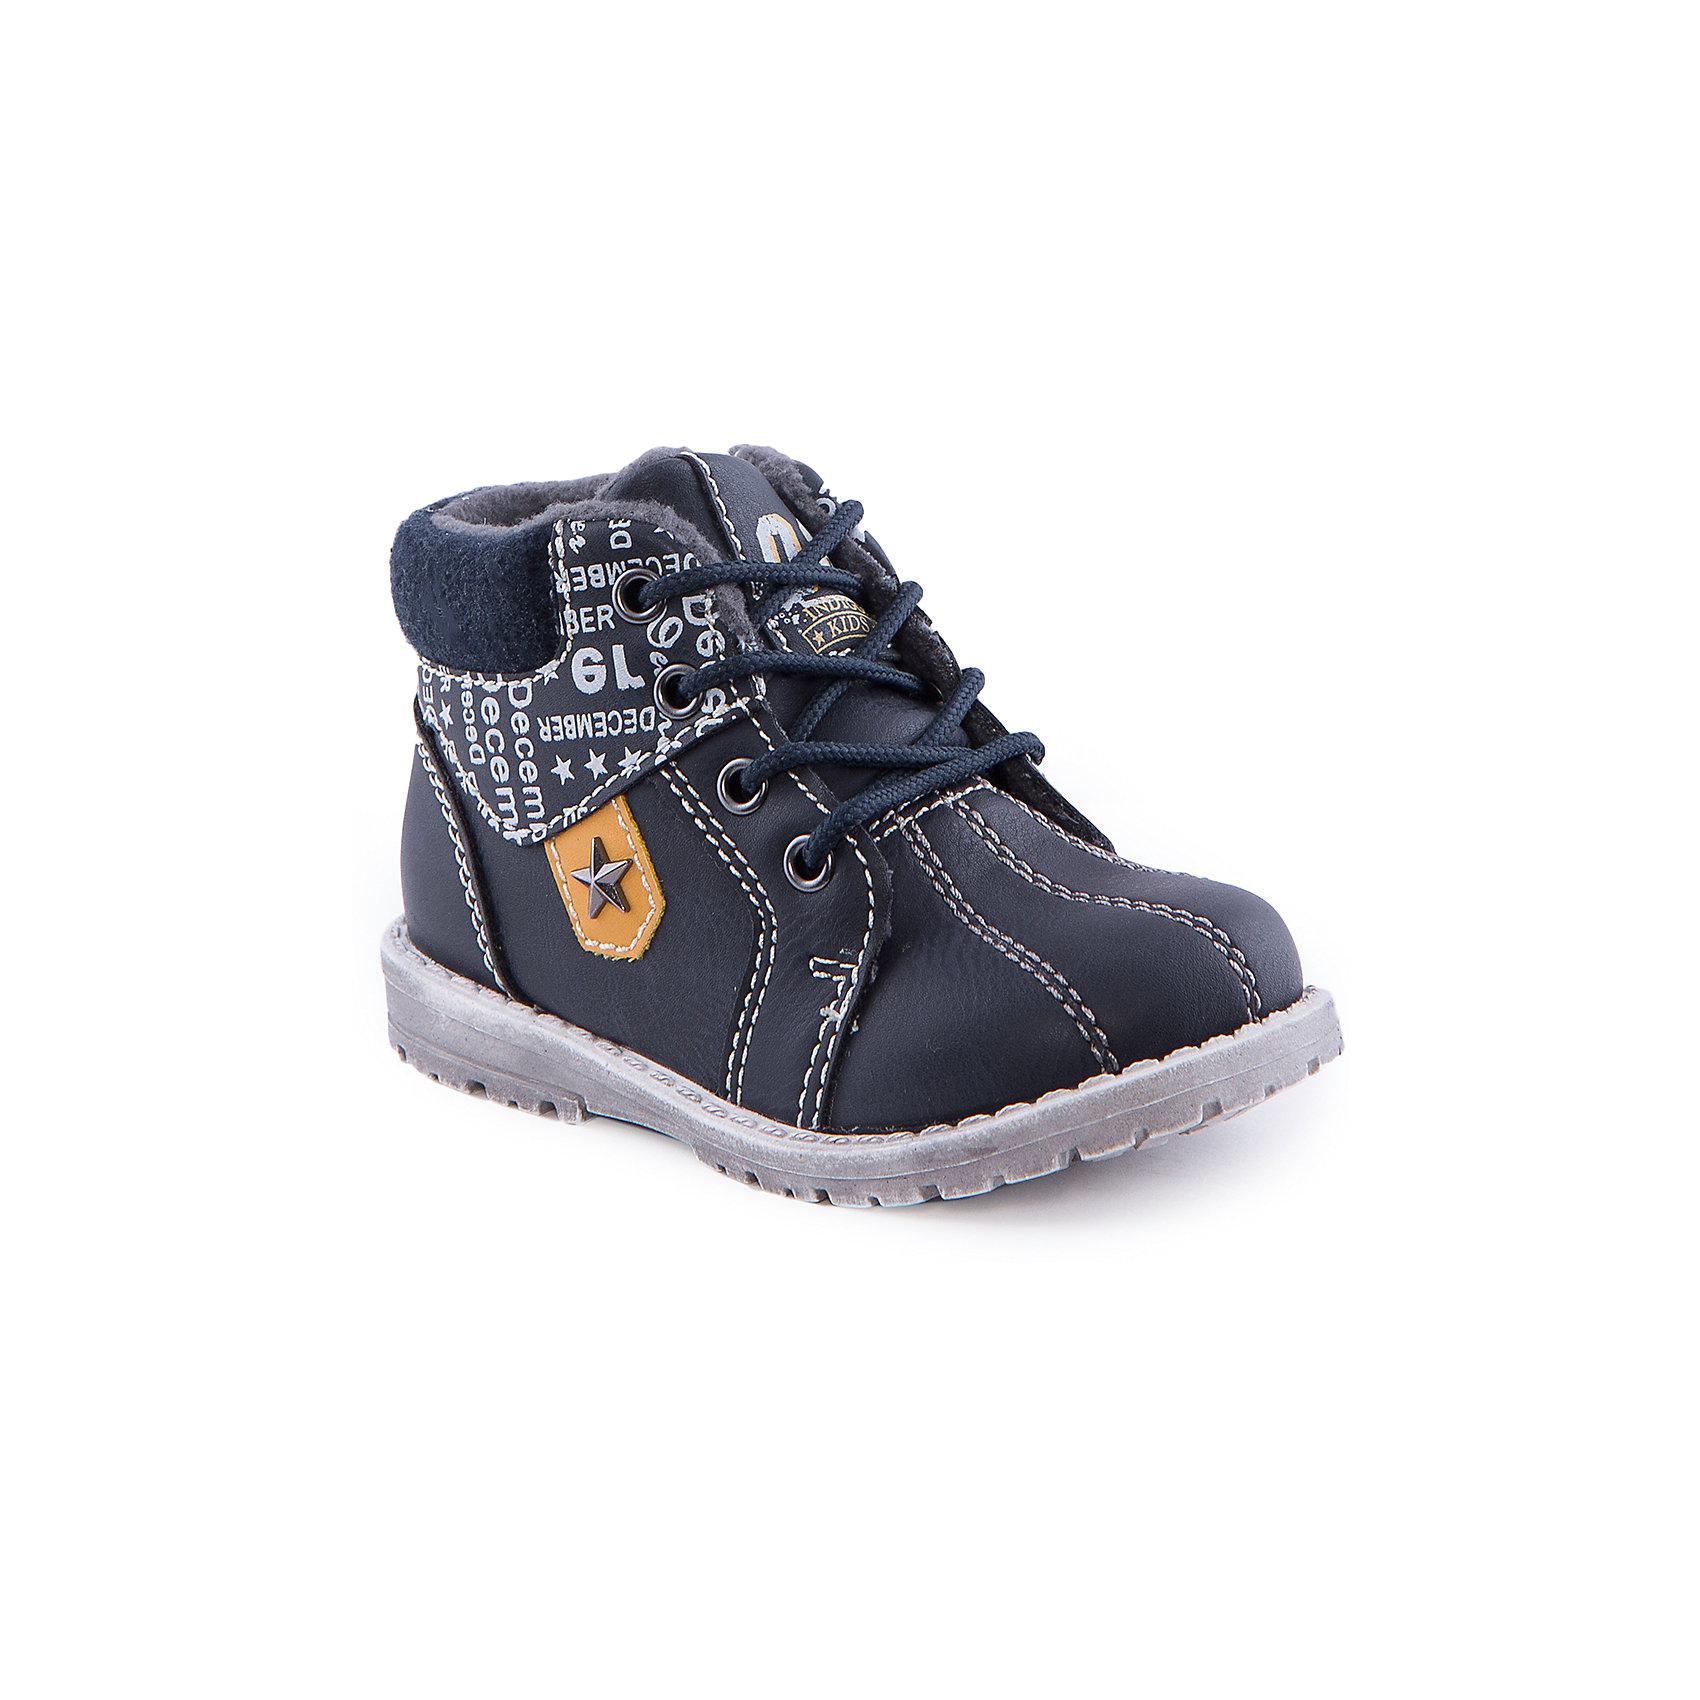 Ботинки для мальчика Indigo kidsБотинки<br>Ботинки для мальчика от известного бренда Indigo kids<br><br>Стильные ботинки могут быть и очень удобными! Оригинальный дизайн делает эту модель стильной и привлекающей внимание. Ботинки легко надеваются благодаря шнуровке и молнии и комфортно садятся по ноге. <br><br>Особенности модели:<br><br>- цвет - темно-синий;<br>- стильный дизайн;<br>- удобная колодка;<br>- байковая подкладка;<br>- украшены принтом;<br>- устойчивая подошва;<br>- высокие;<br>- белая прошивка;<br>- застежки: шнуровка, молния.<br><br>Дополнительная информация:<br><br>Температурный режим:<br>от +5° С до +15° С<br><br>Состав:<br><br>верх – искусственная кожа;<br>подкладка - байка;<br>подошва - ТЭП.<br><br>Ботинки для мальчика Indigo kids (Индиго Кидс) можно купить в нашем магазине.<br><br>Ширина мм: 262<br>Глубина мм: 176<br>Высота мм: 97<br>Вес г: 427<br>Цвет: синий<br>Возраст от месяцев: 15<br>Возраст до месяцев: 18<br>Пол: Мужской<br>Возраст: Детский<br>Размер: 22,21,24,26,25,23<br>SKU: 4520132